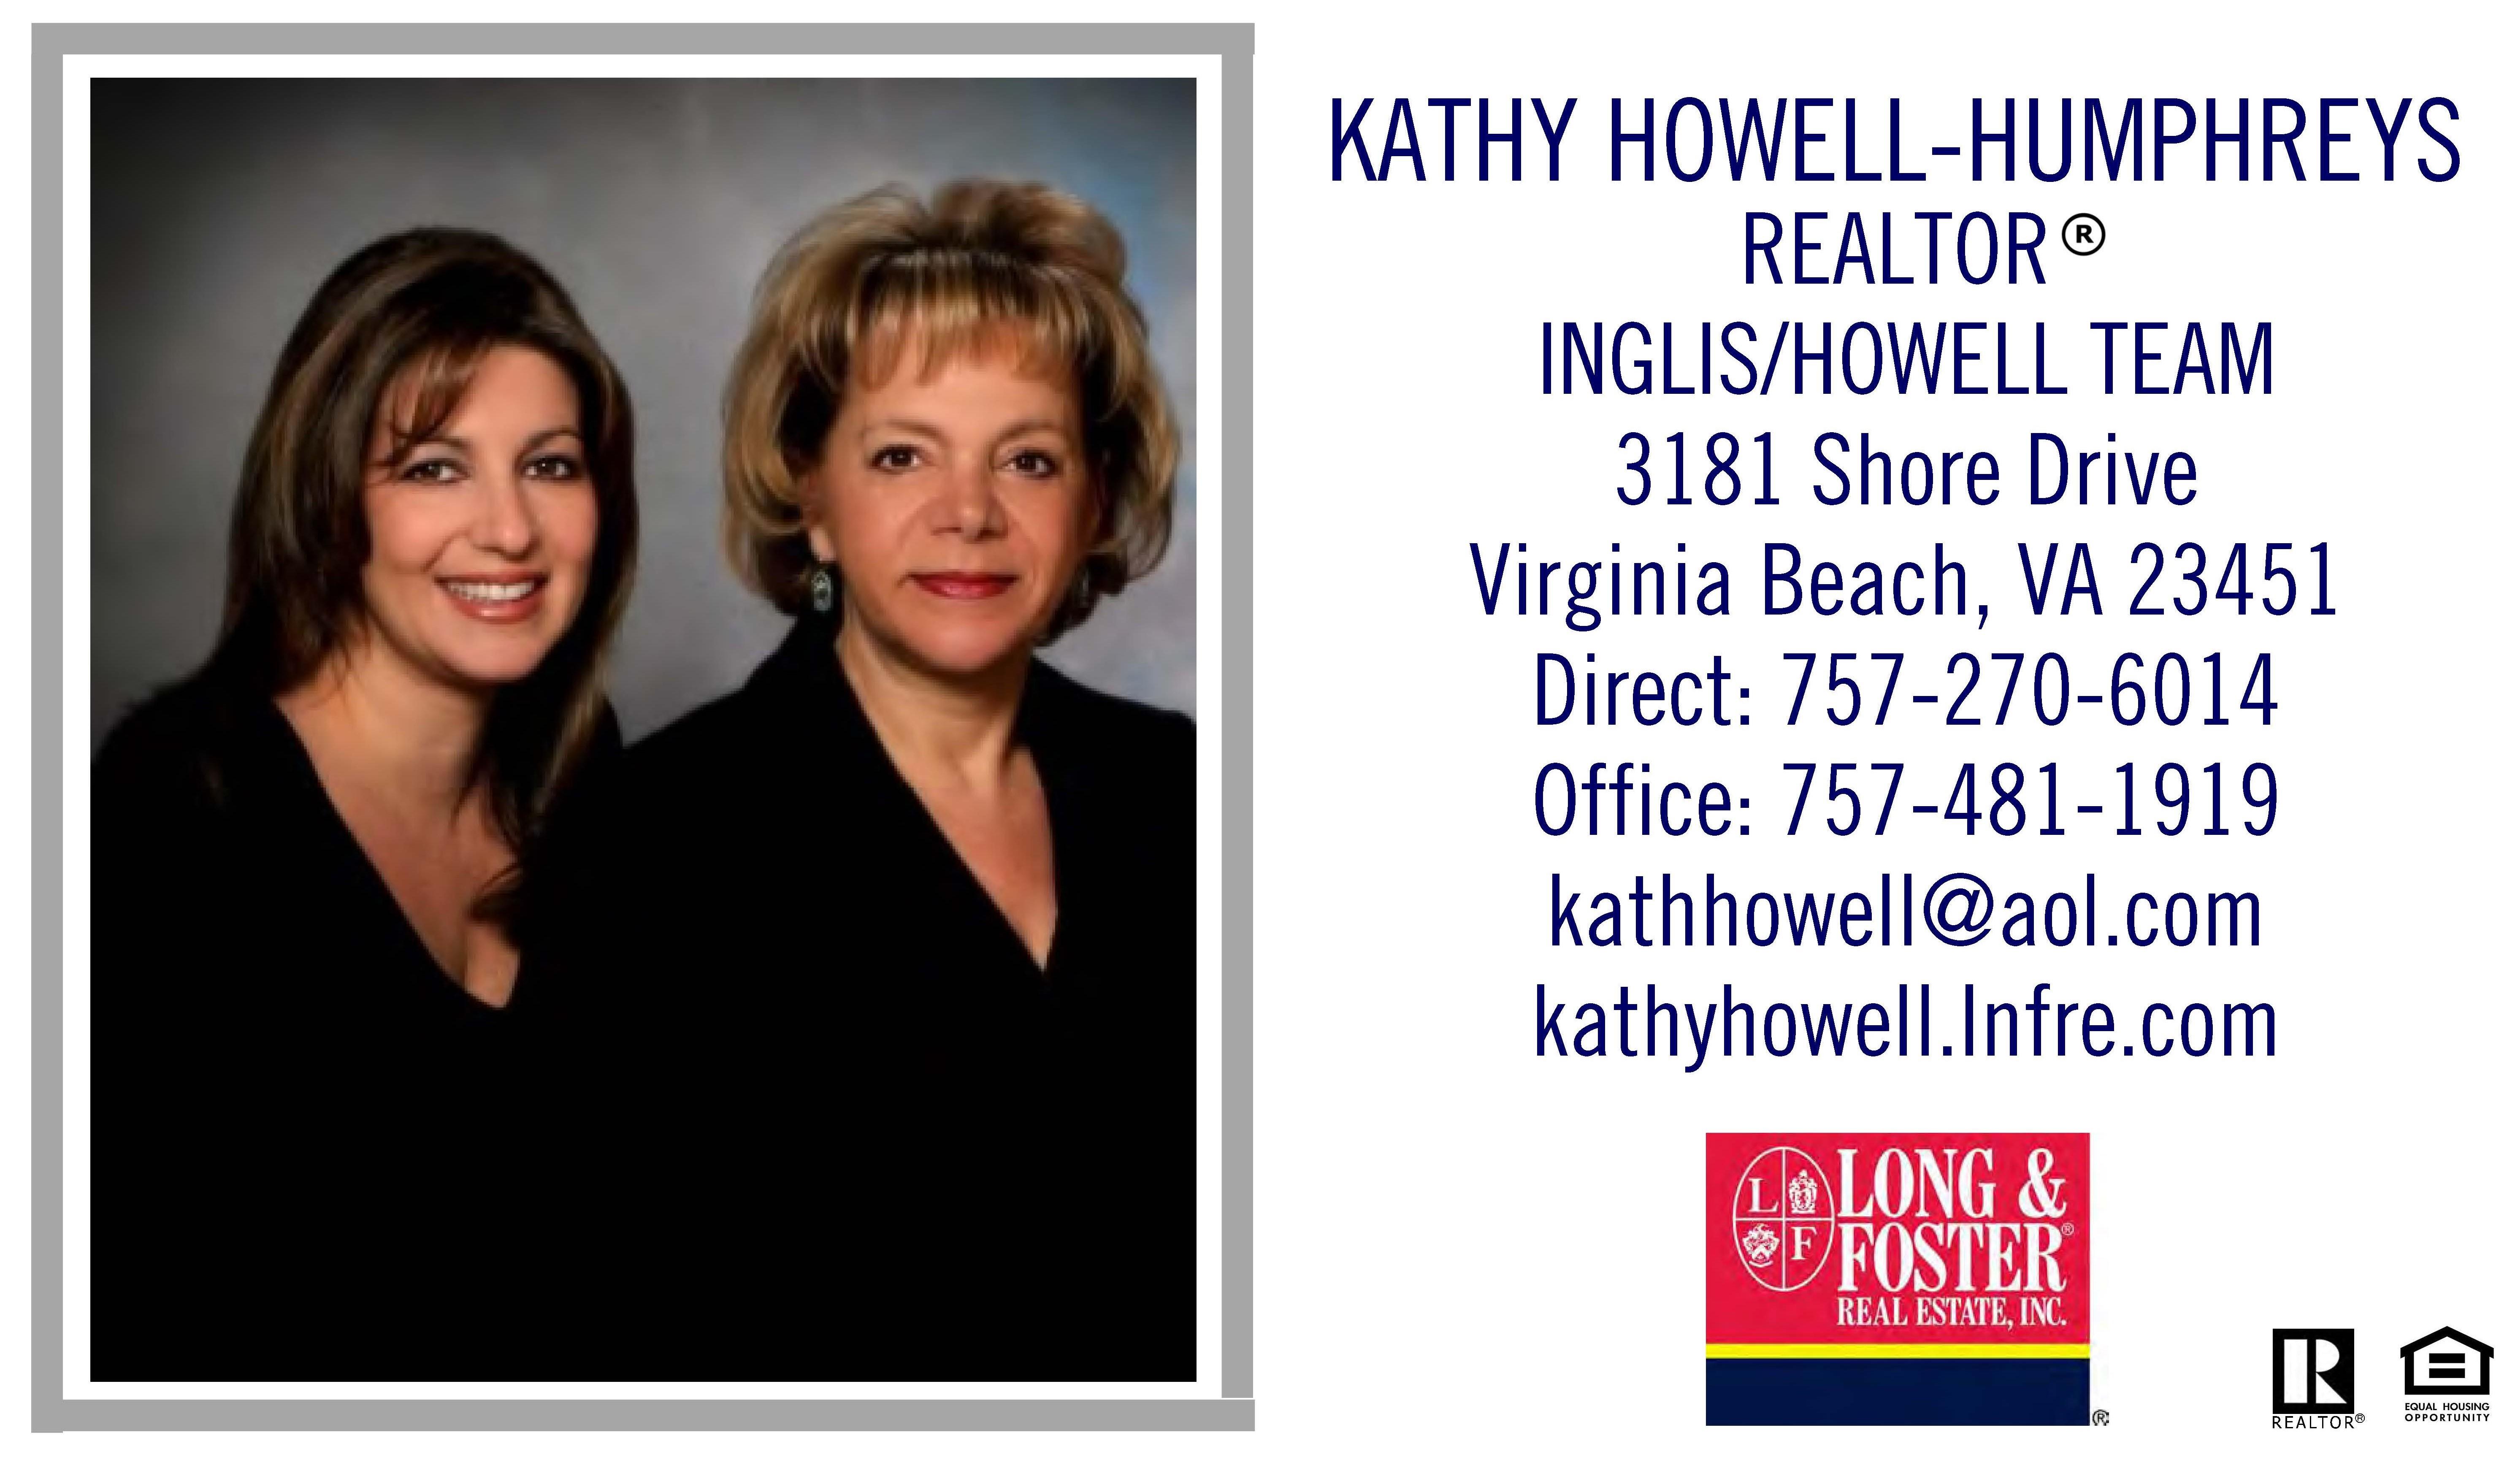 KathyHowellLongFoster2018_1